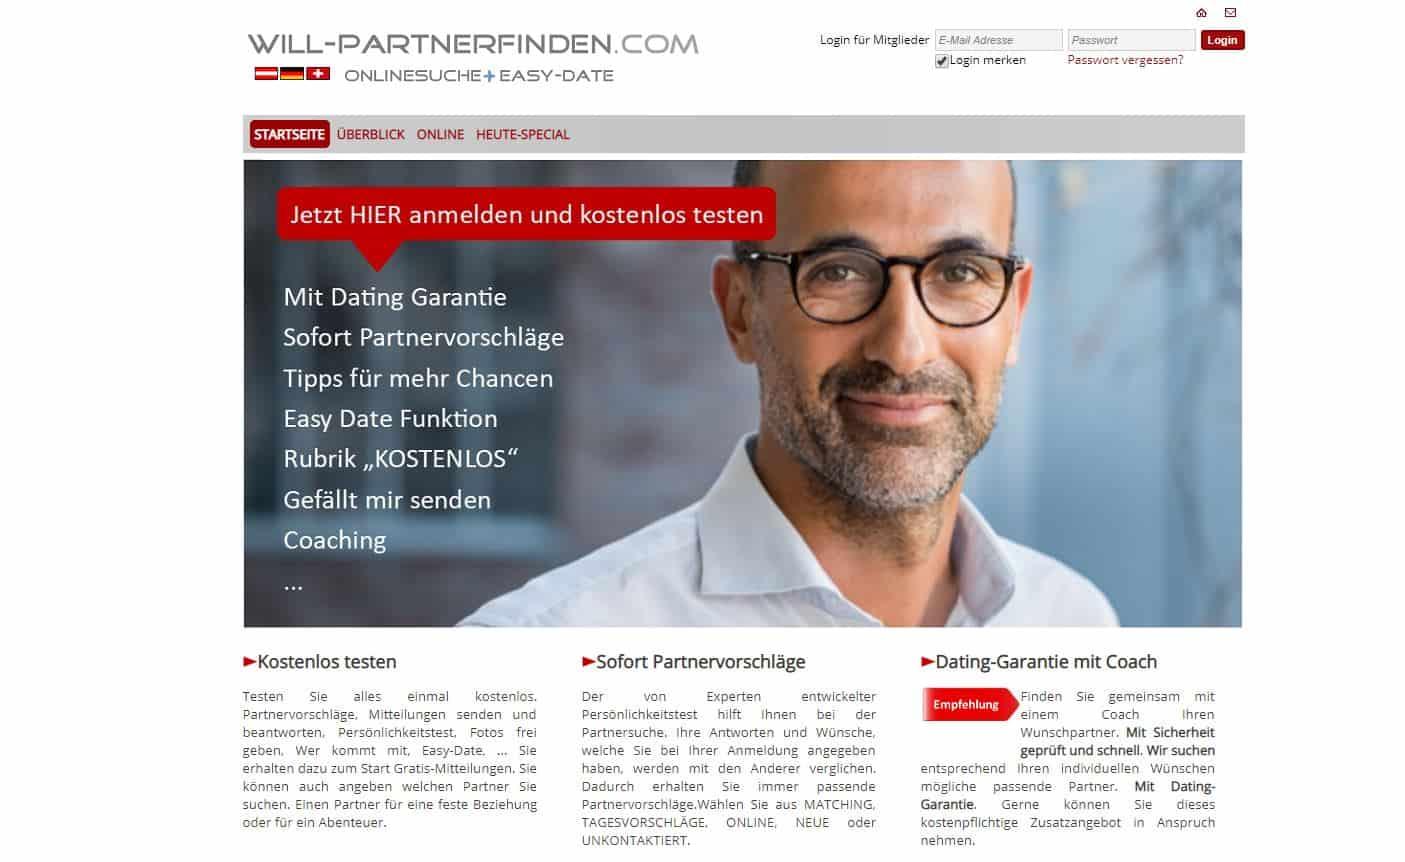 Testbericht: Will-PartnerFinden.com Abzocke